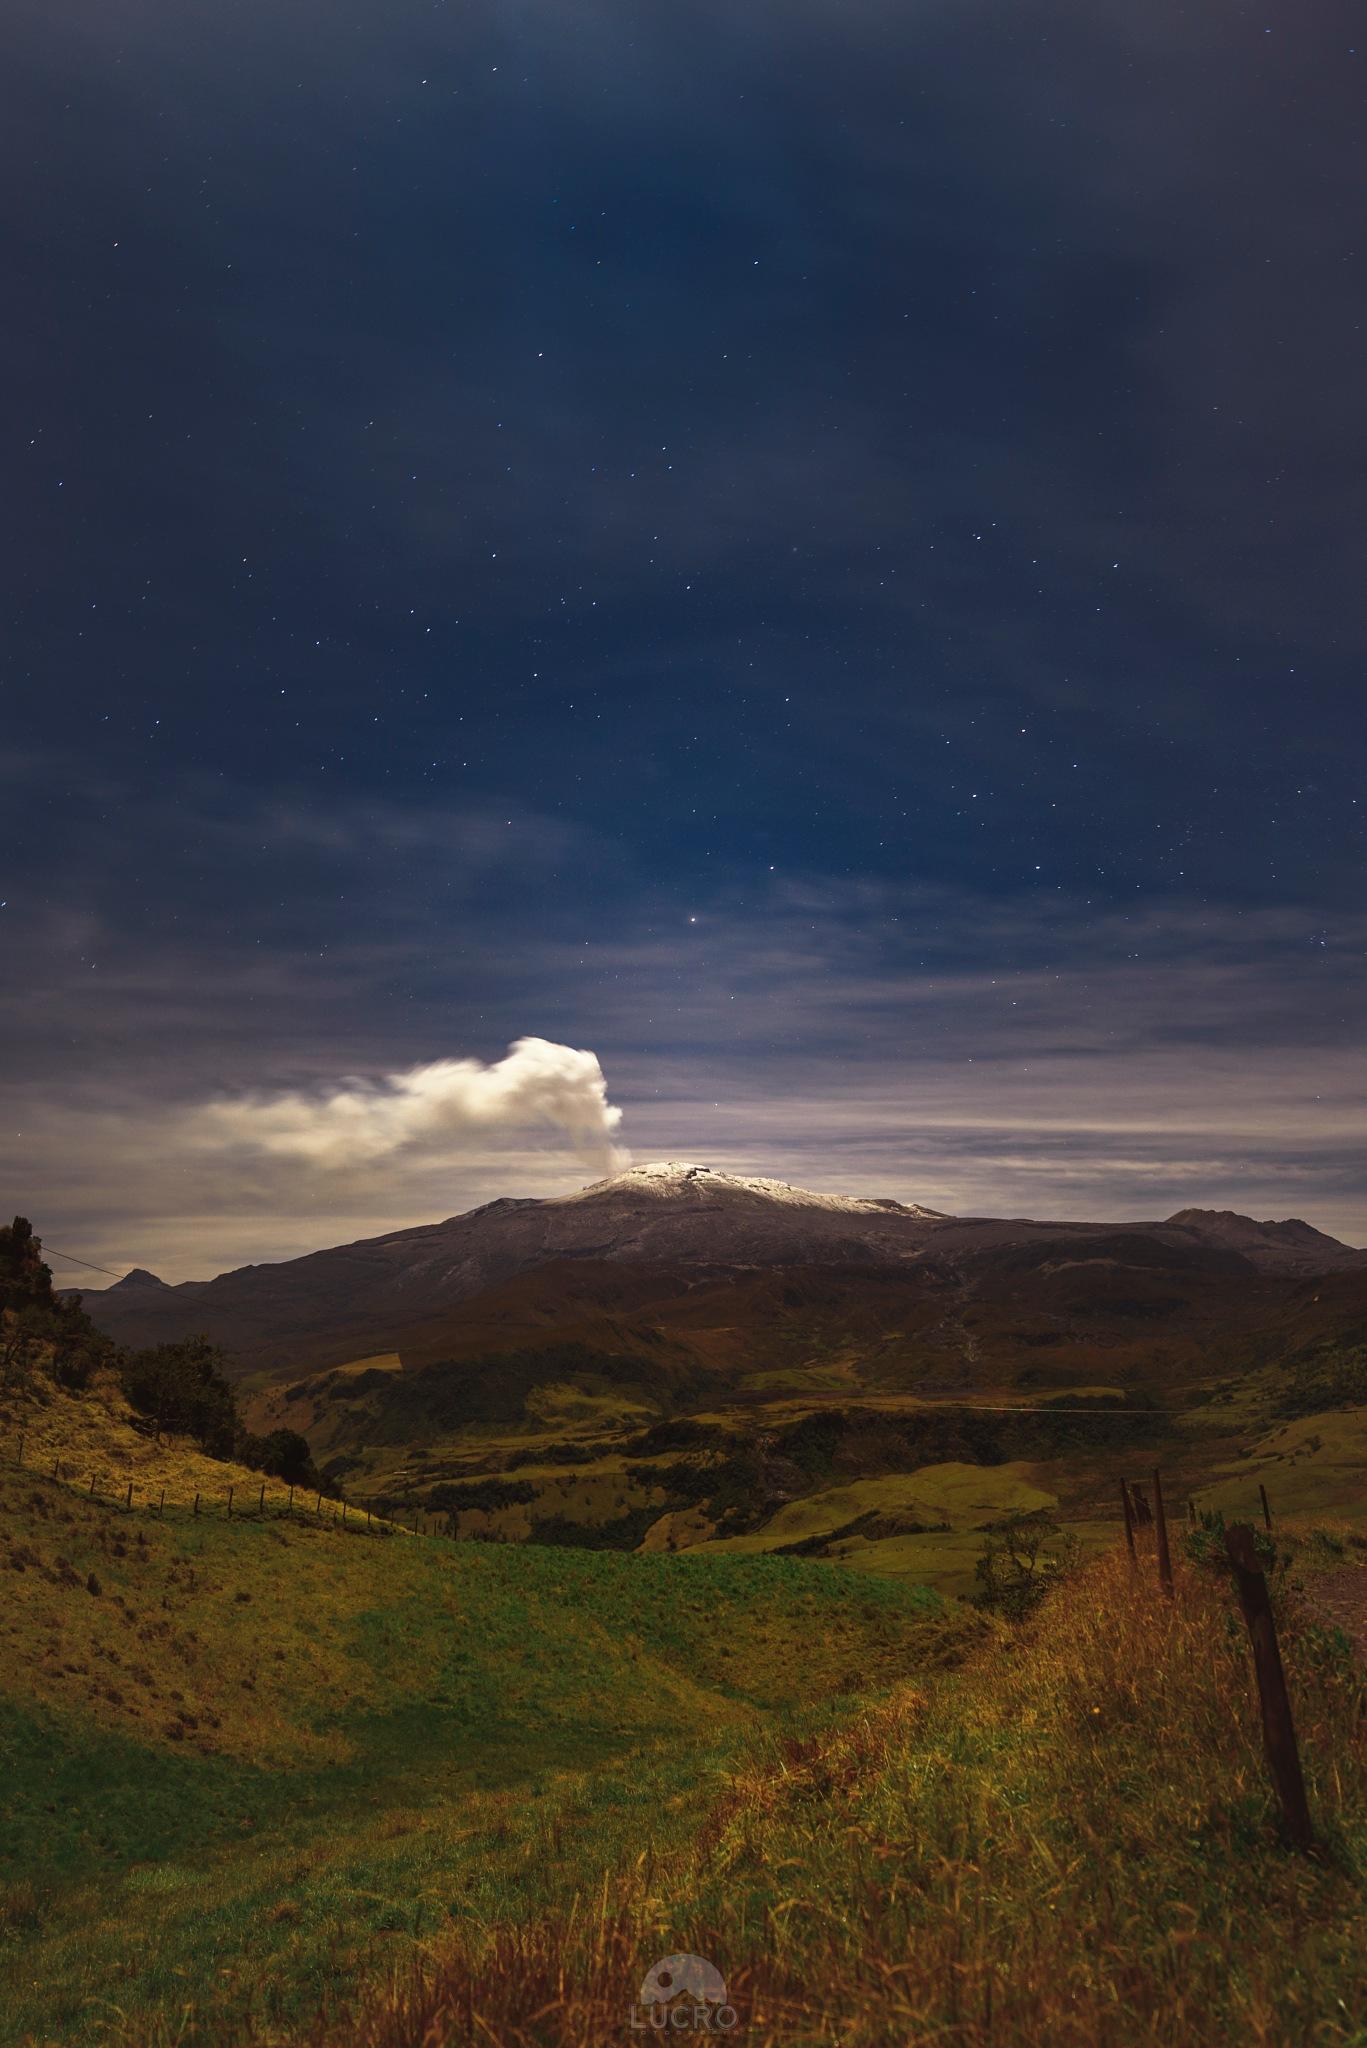 Volcano by LucroFotografia